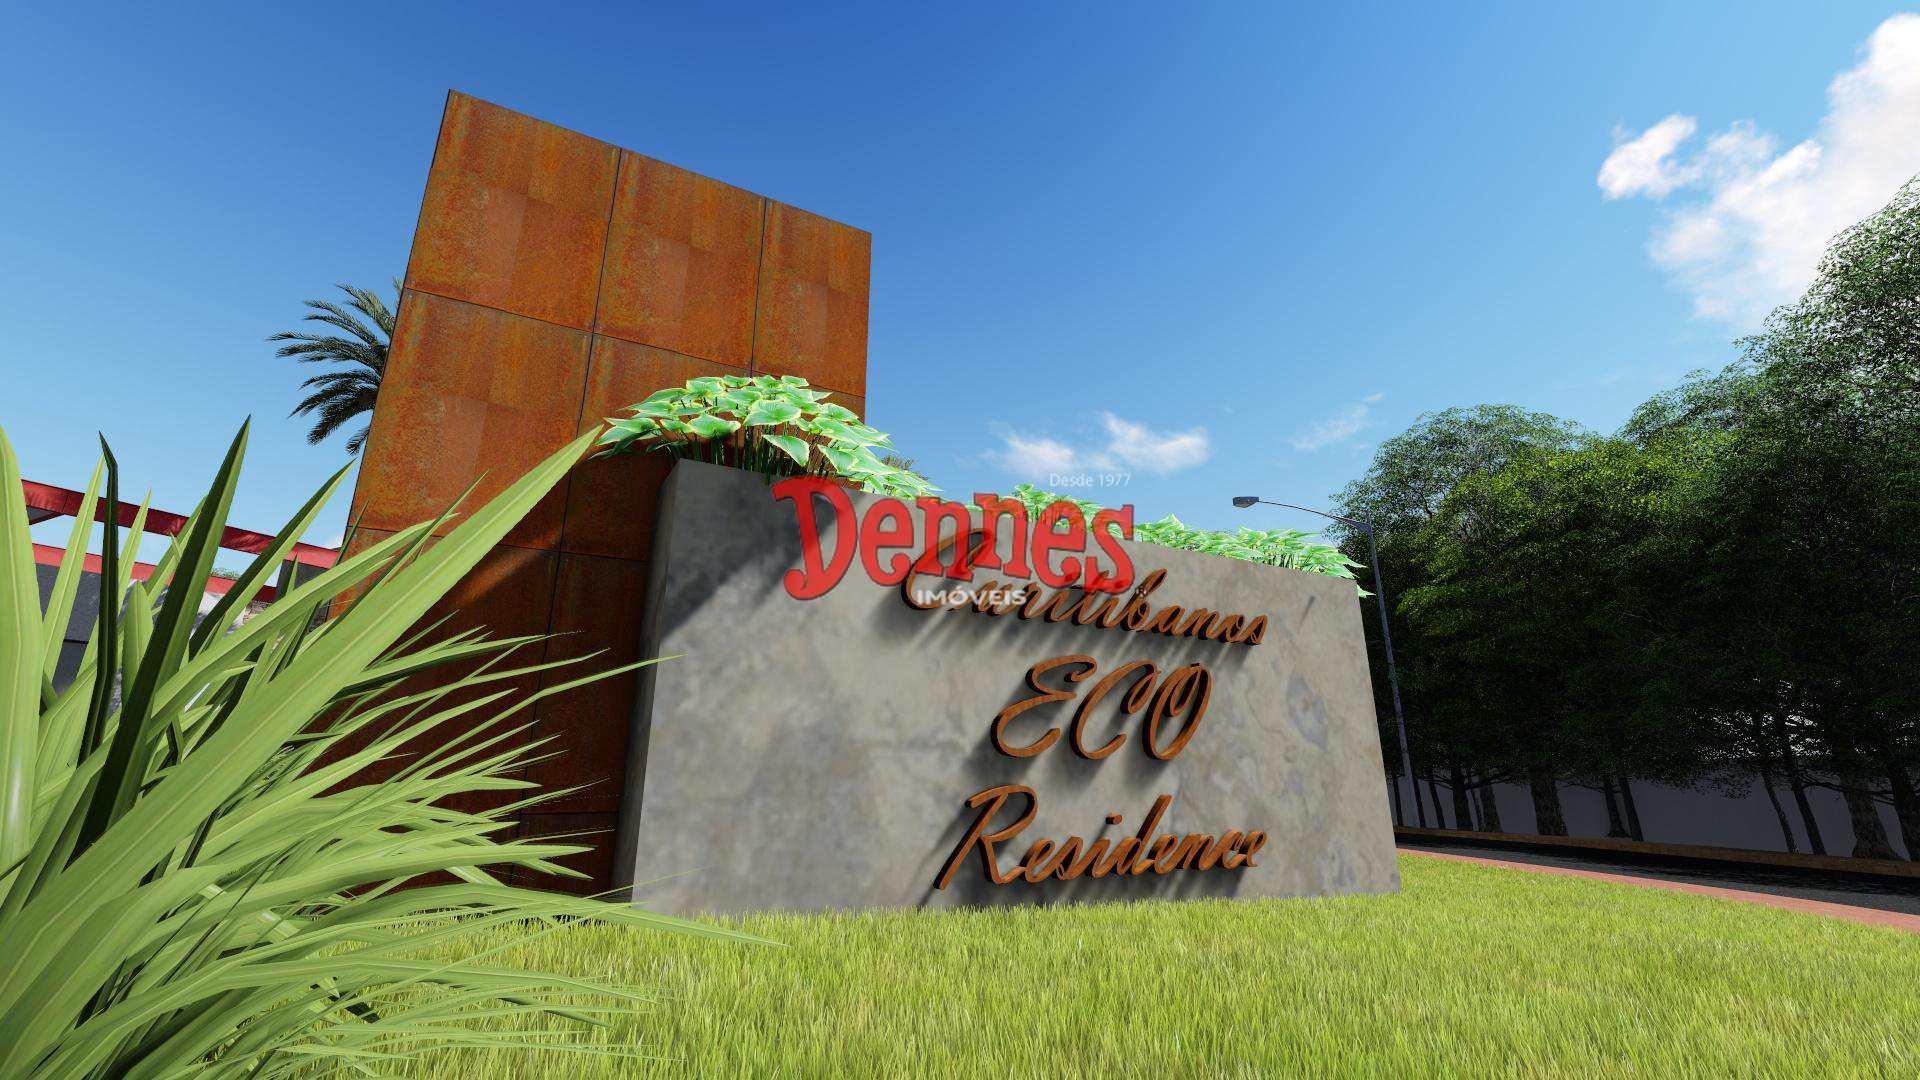 Curitibanos Eco Residence - Lançamento .